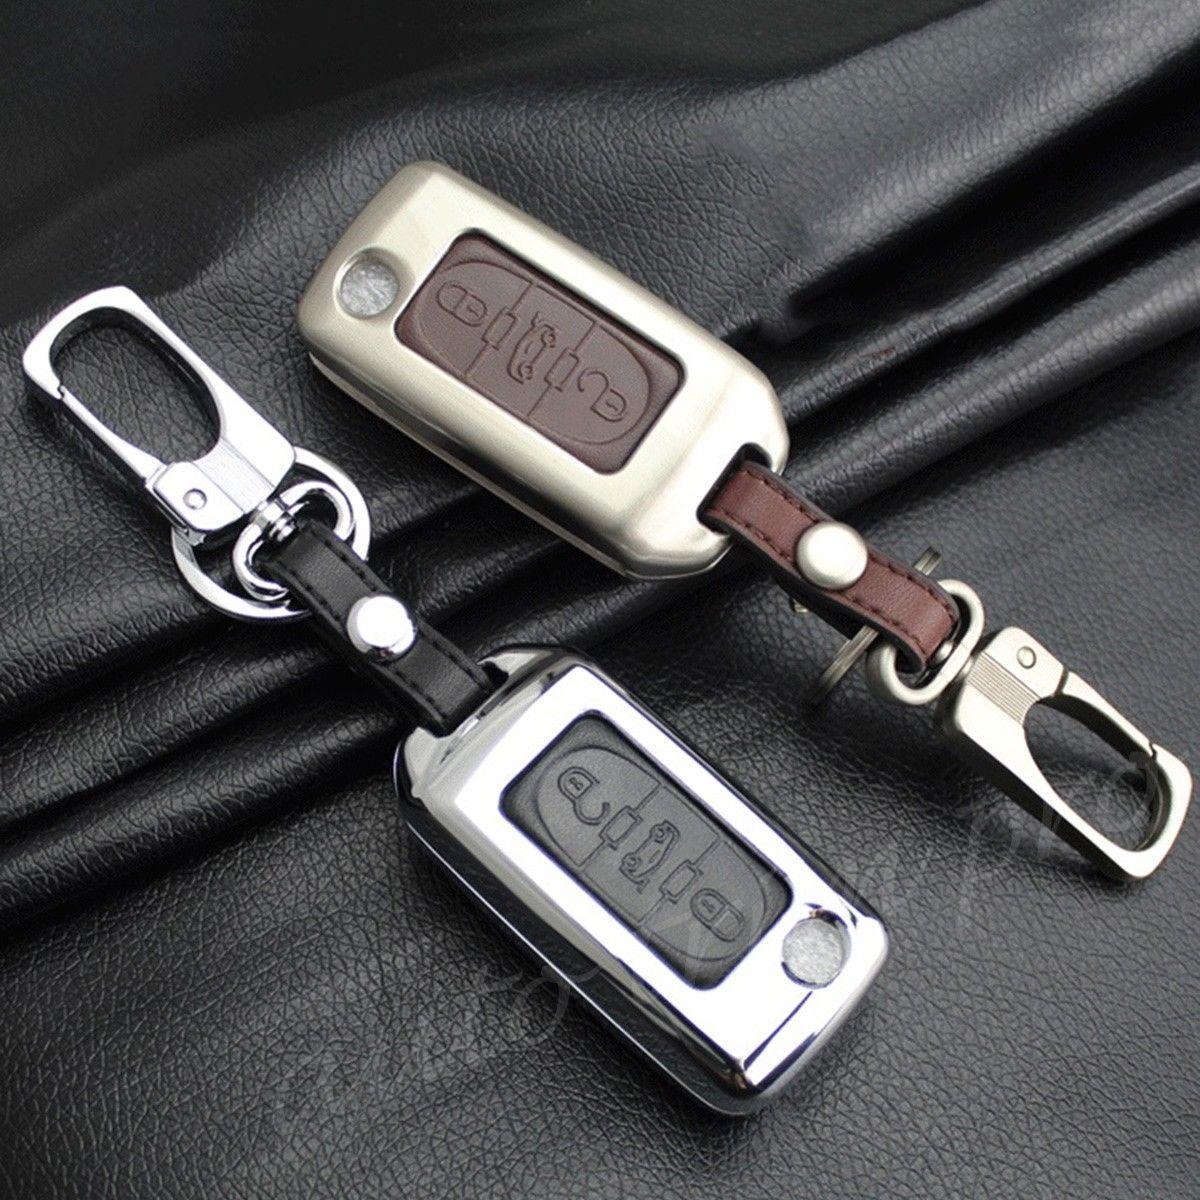 Металлический чехол для ключа Citroёn Berlingo ,C2,C3 Aircross,Picasso,C4,C5,C6, C-Crosser,C-Elysée